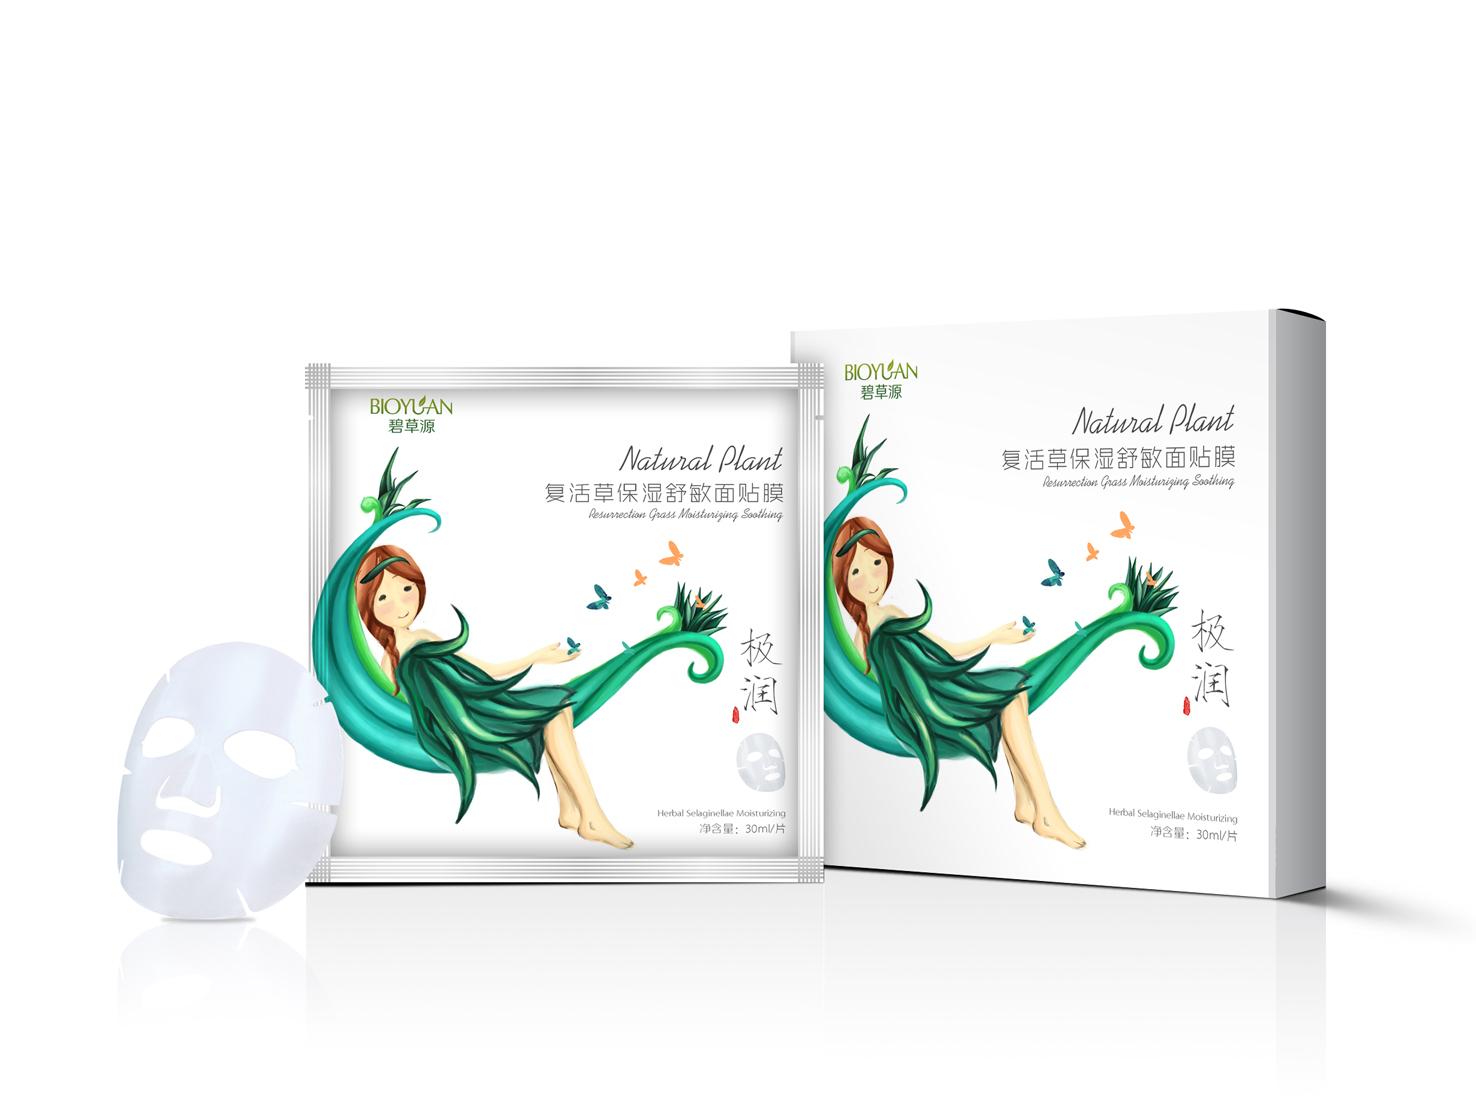 手绘风格面膜包装|平面|包装|xtflf520 - 原创作品 - 图片